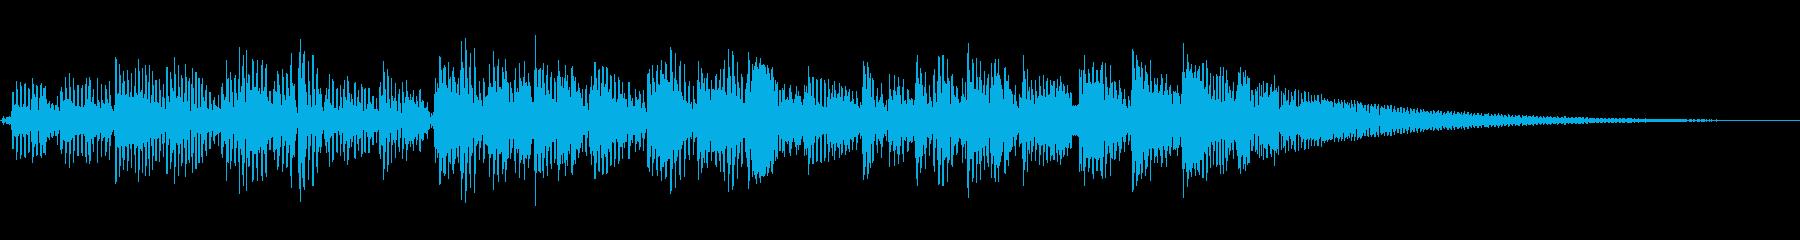 アコースティックギター:低リズムラ...の再生済みの波形